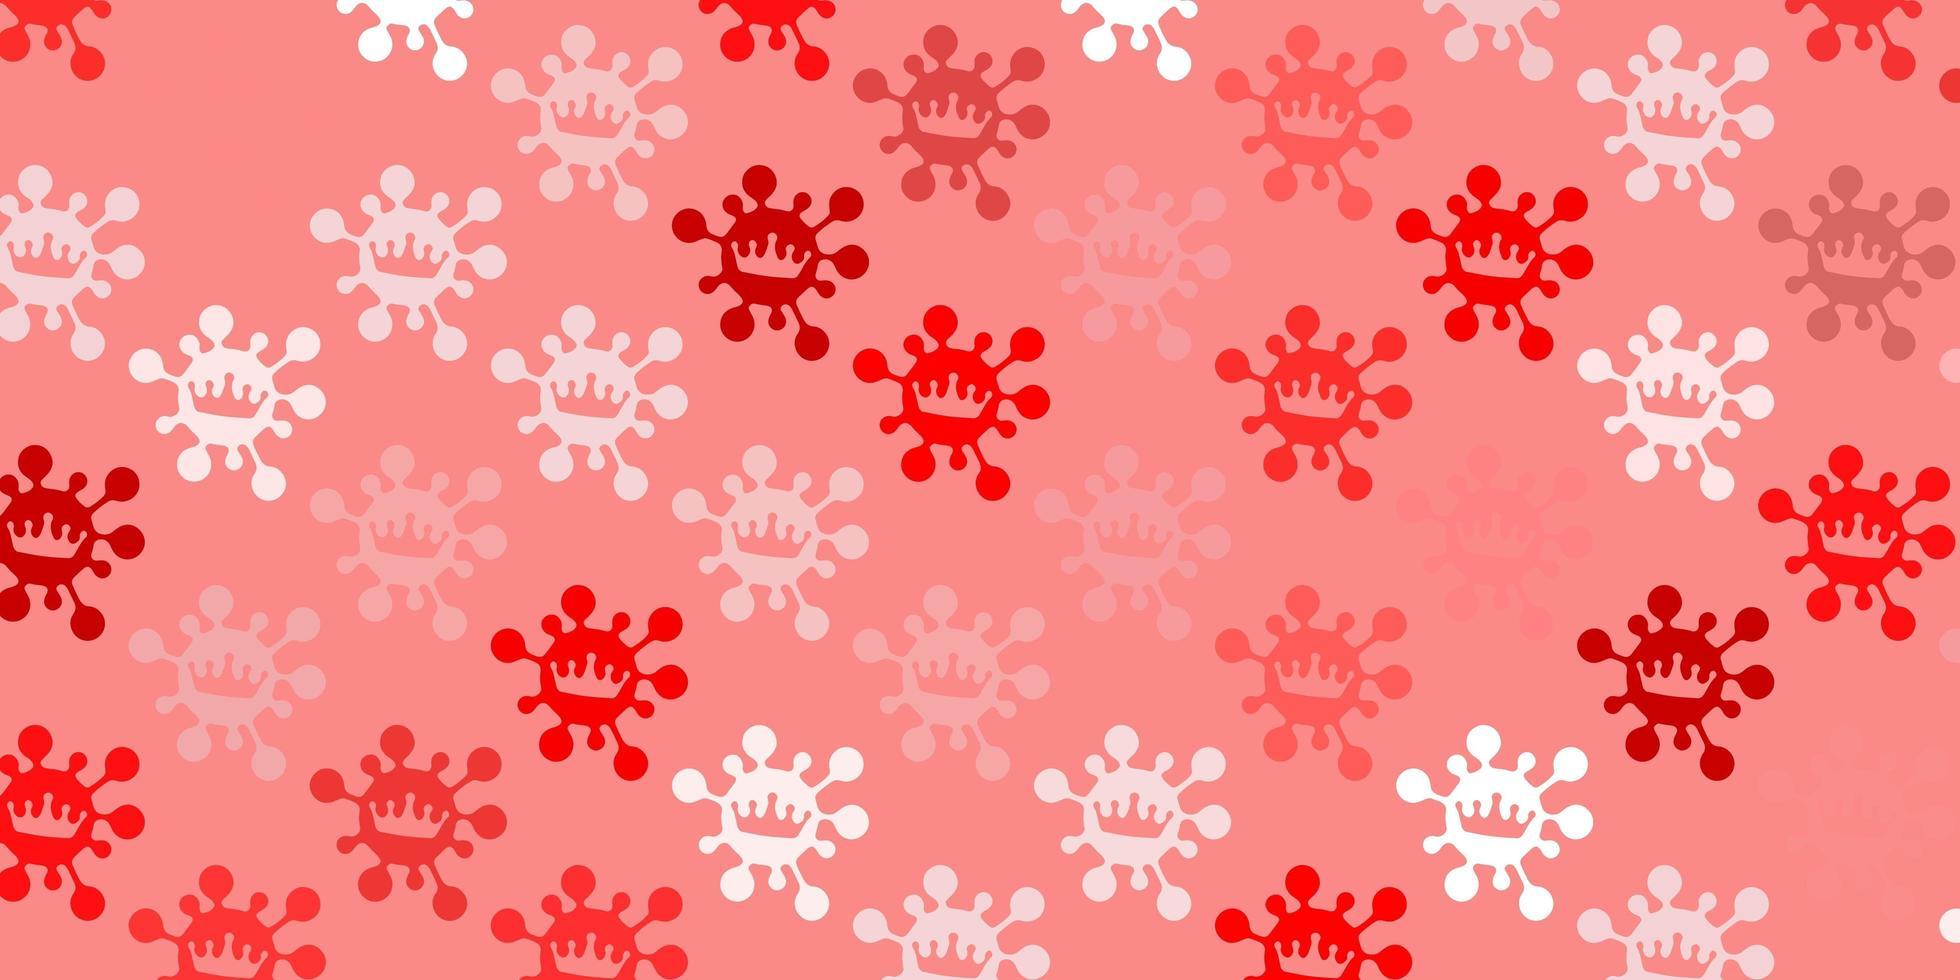 ljusröd bakgrund med virussymboler. vektor